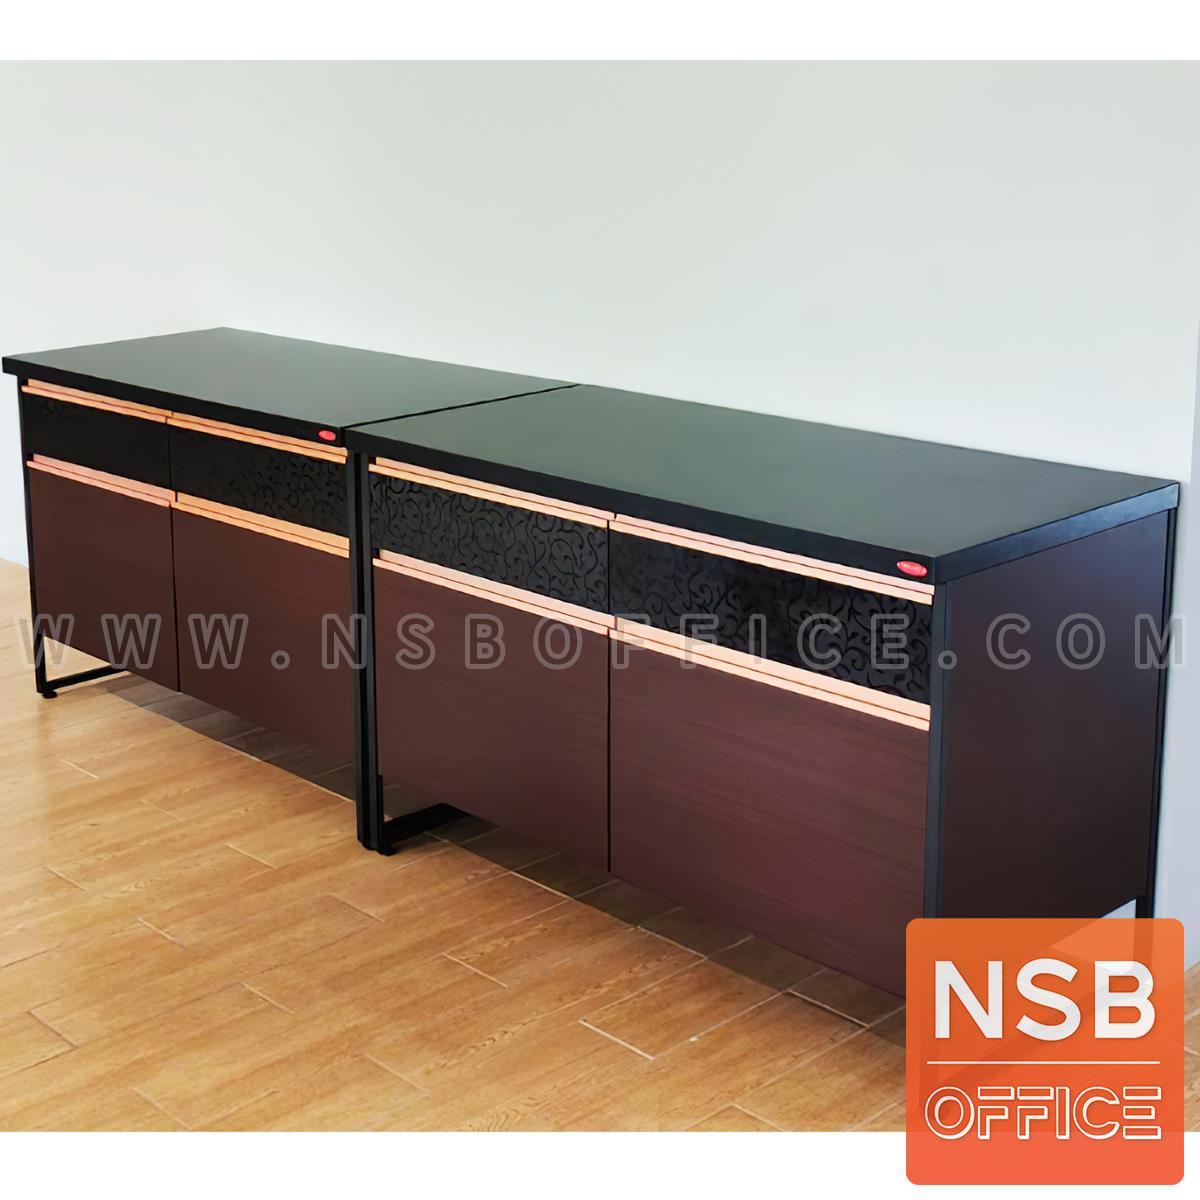 ตู้ครัวหน้าเรียบ 2 บานเปิด 2 ลิ้นชัก 120W*60D*80H cm. โครงเหล็กพ่นดำ